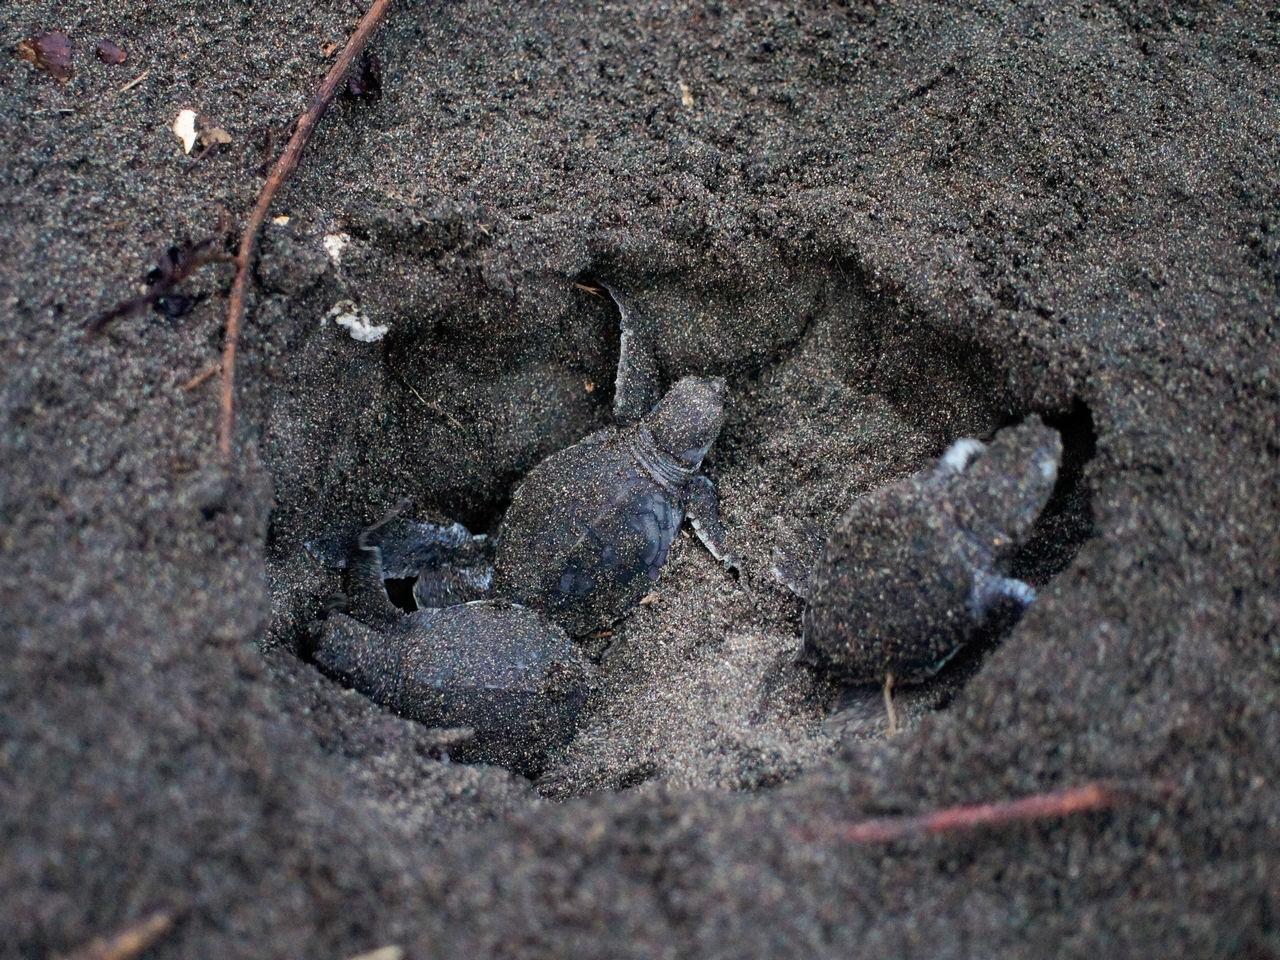 Crías de tortuga en la playa de Tortuguero.